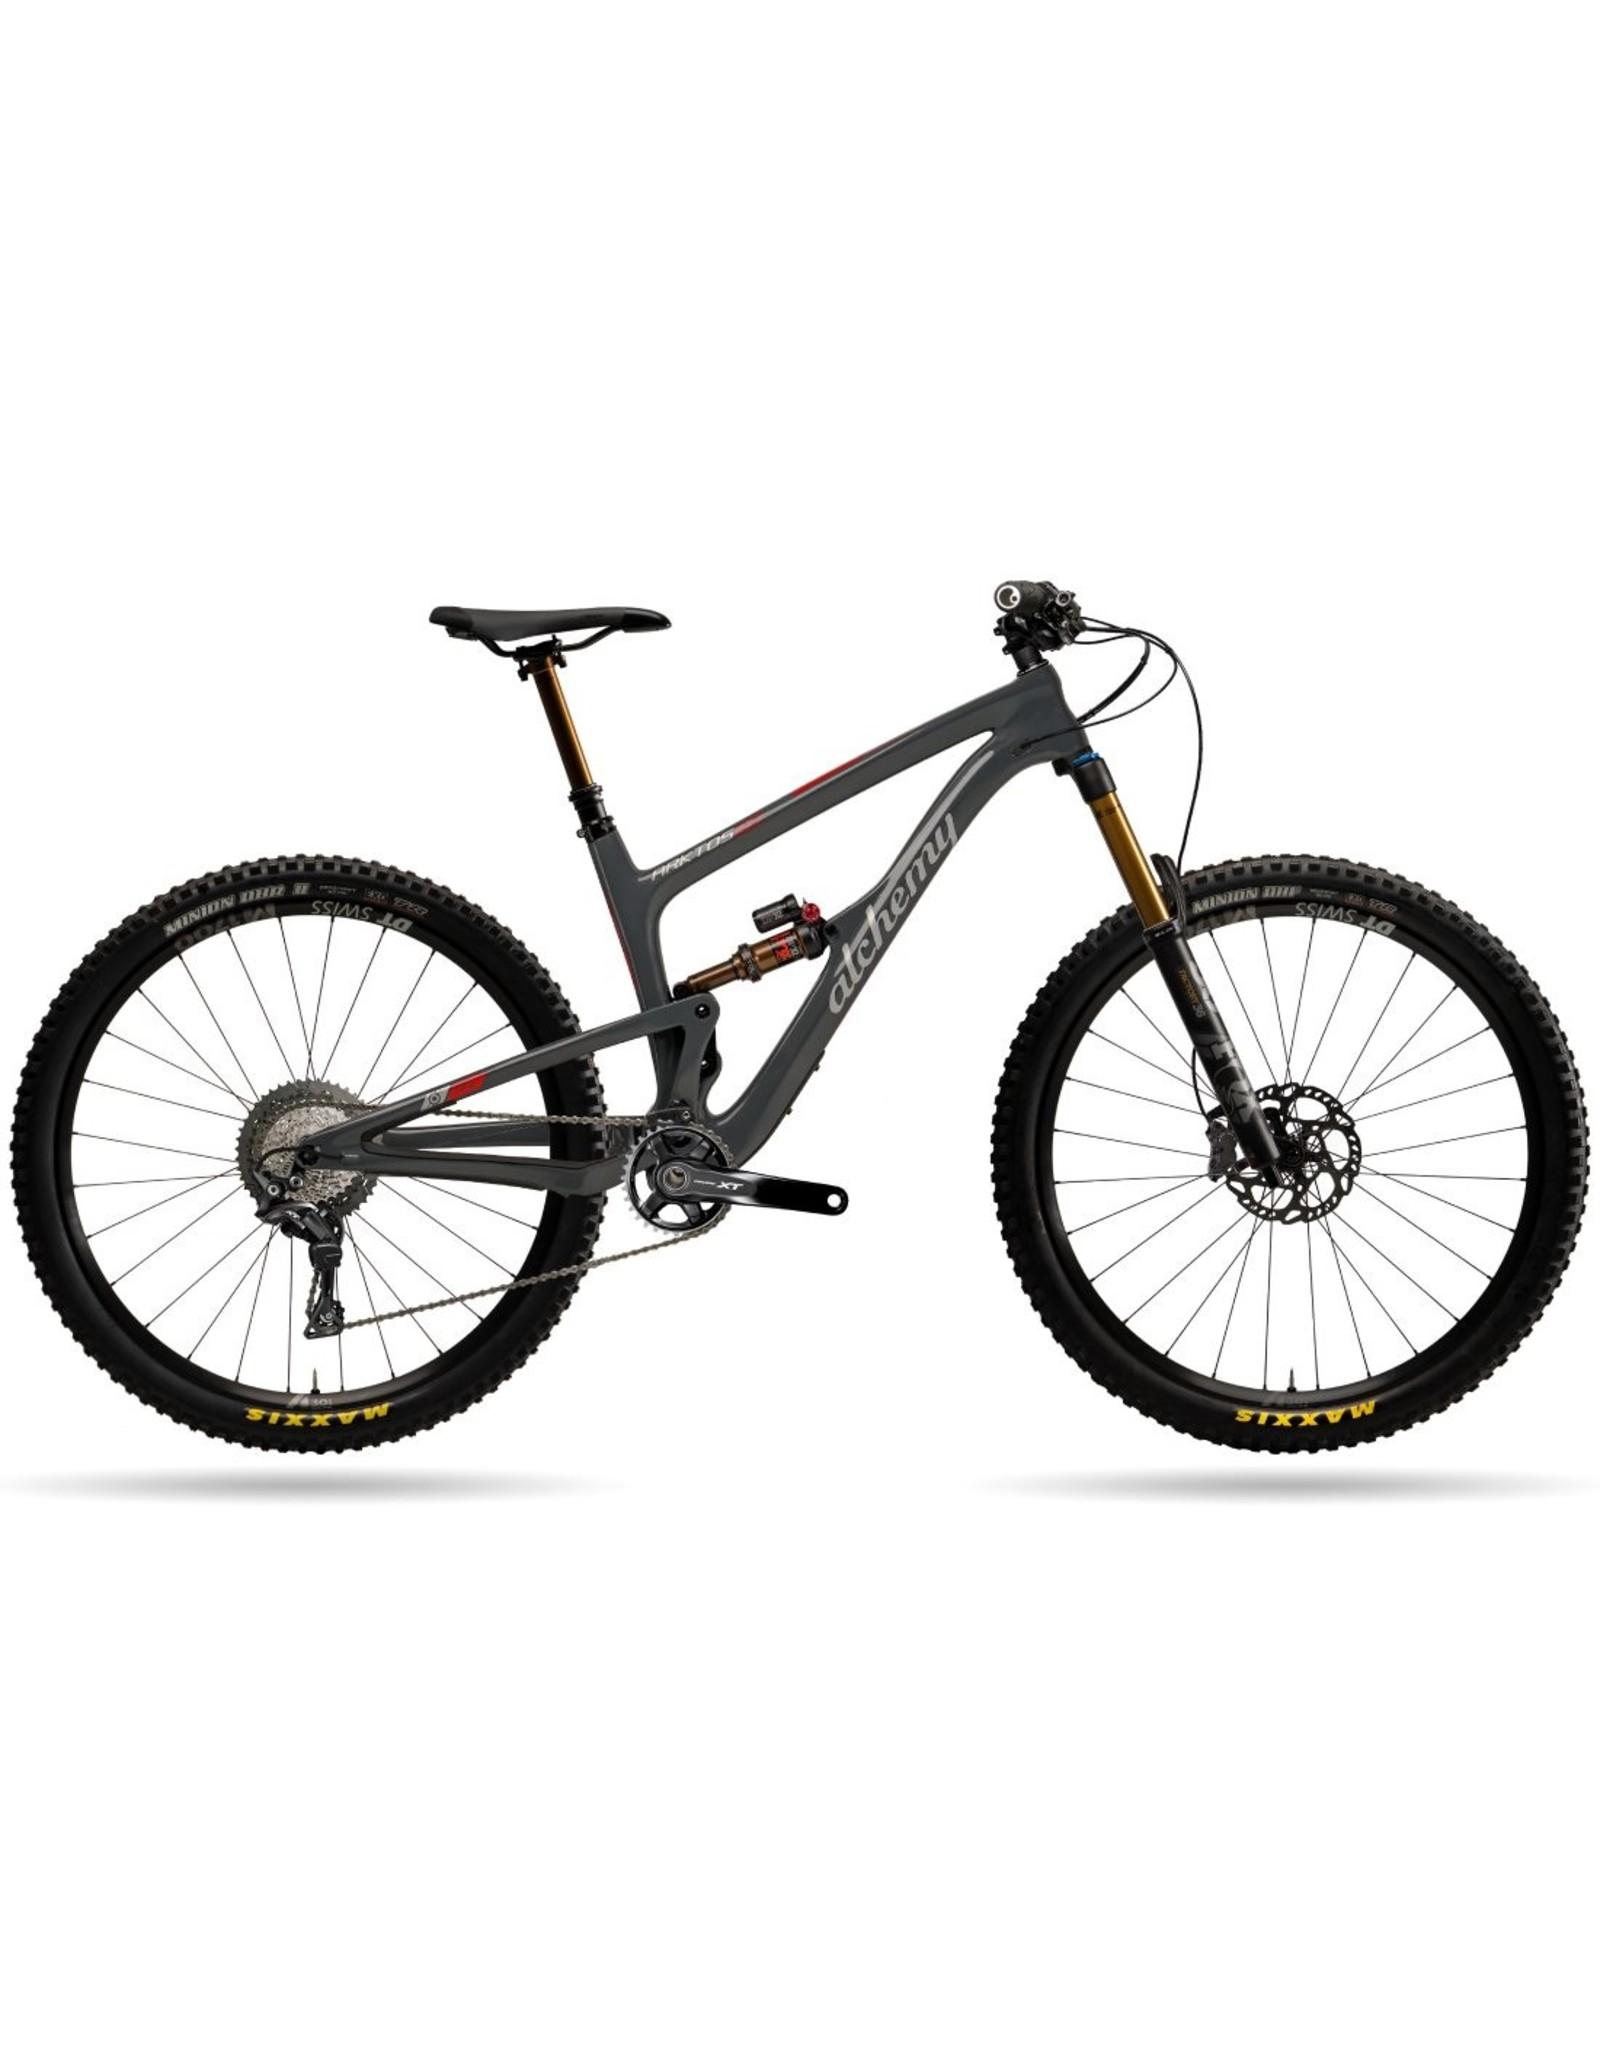 Alchemy Bicycle Works Alchemy Arktos 29 Grey/Red Large XT 11spd Bike